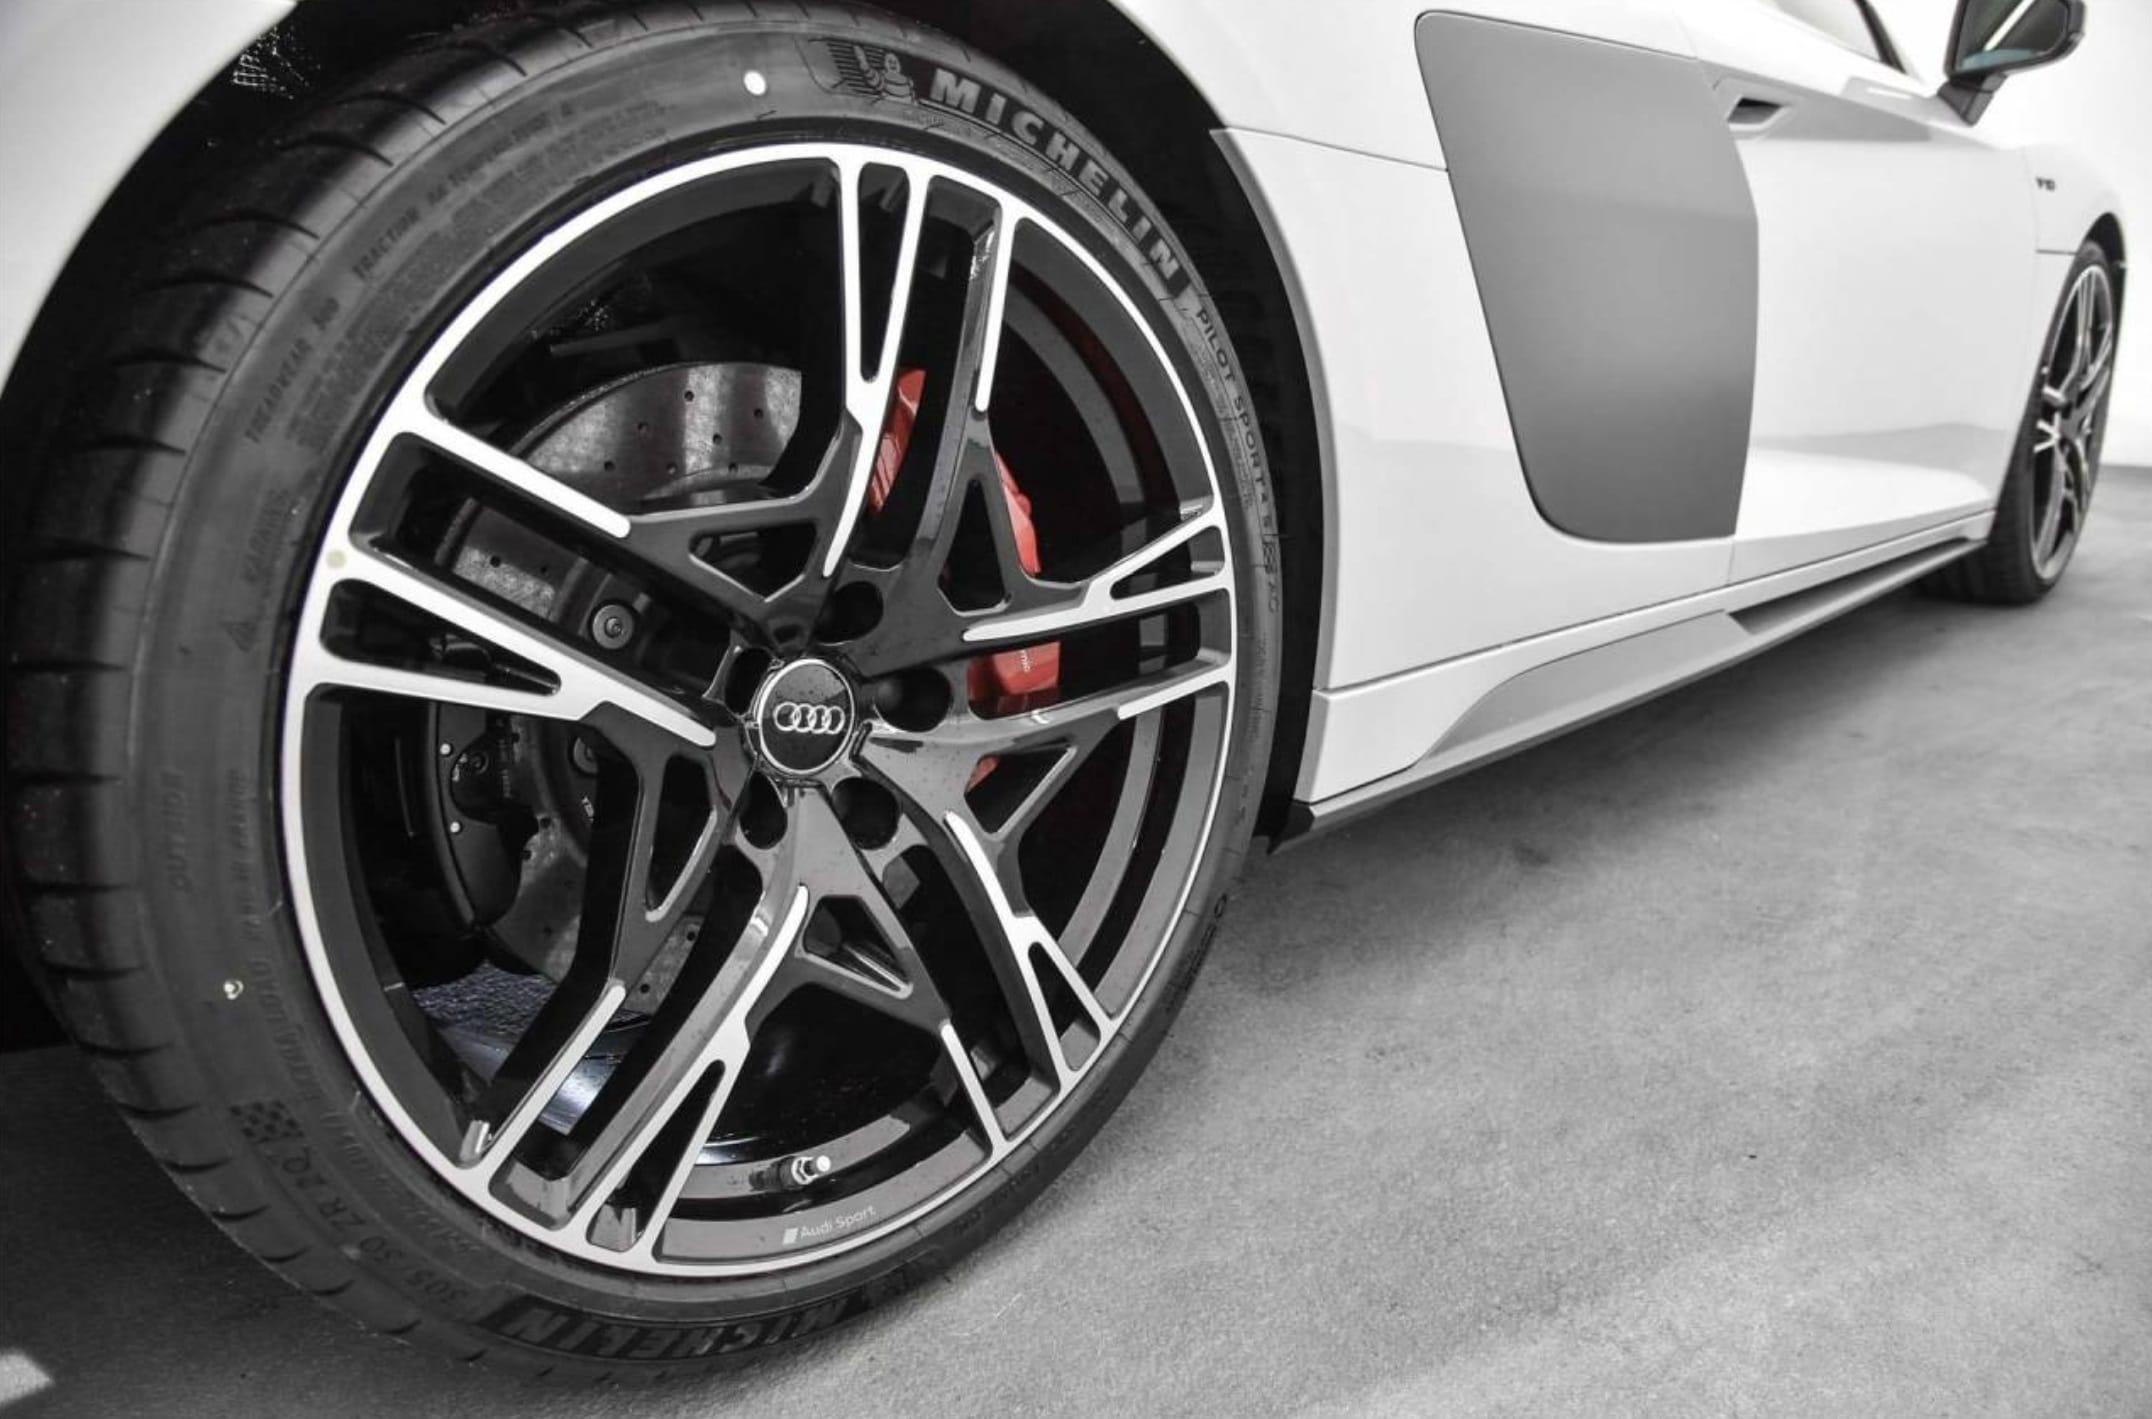 Audi R8 d'occasion - Vue côté arrière droit